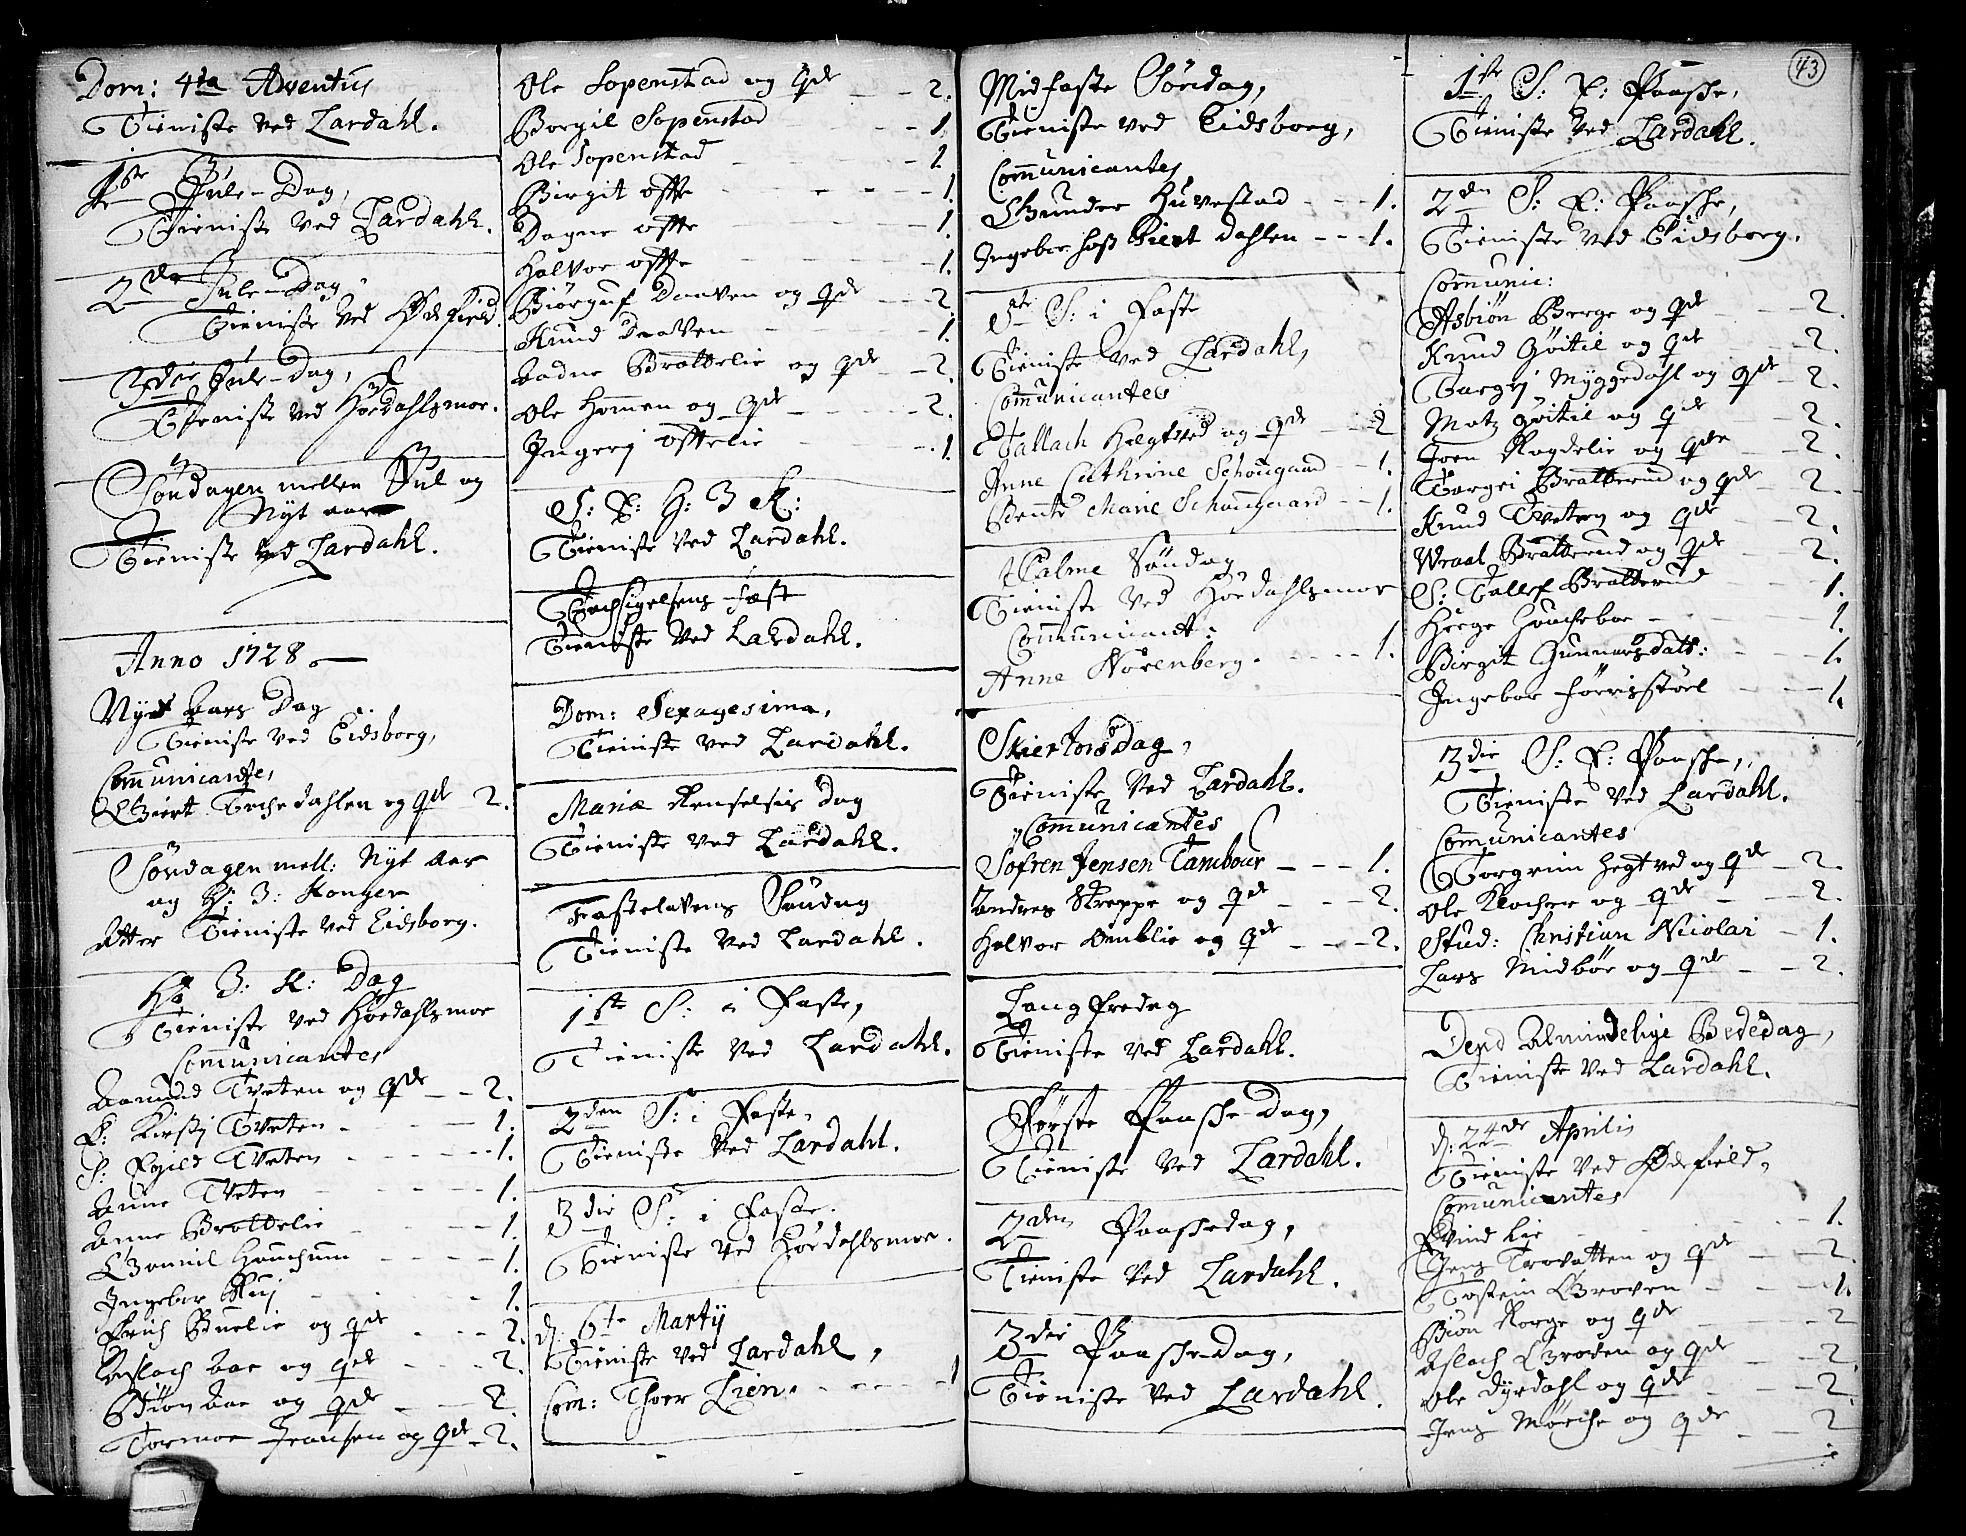 SAKO, Lårdal kirkebøker, F/Fa/L0001: Ministerialbok nr. I 1, 1721-1734, s. 43